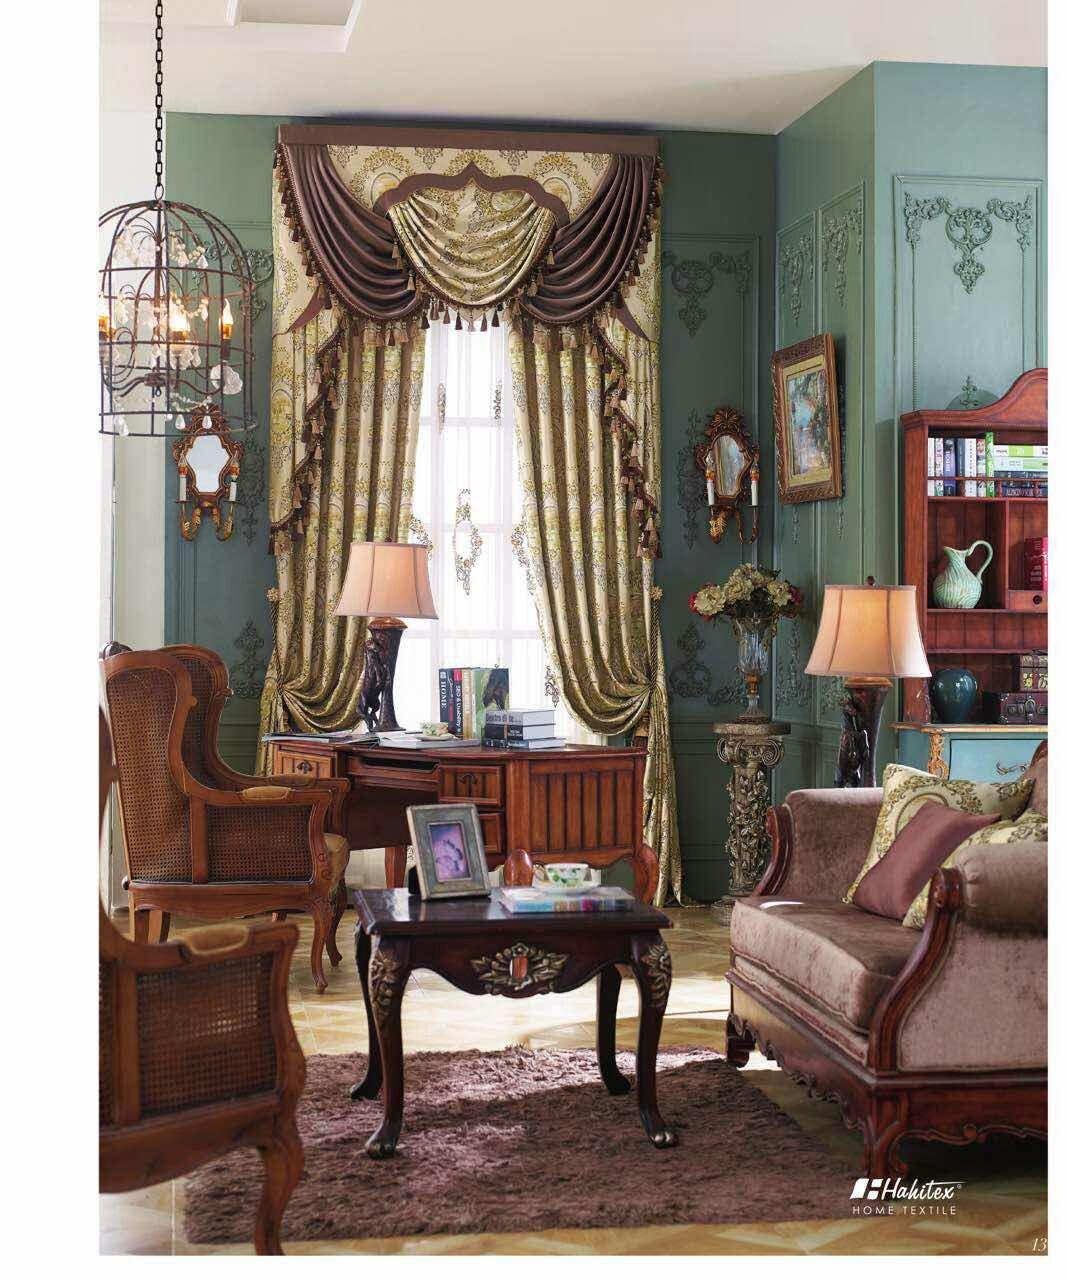 天丽墙纸(DELIGHT)欧曼蒂法式欧式窗帘餐厅客厅别墅成品定制窗帘卧室遮光丝绒窗帘布